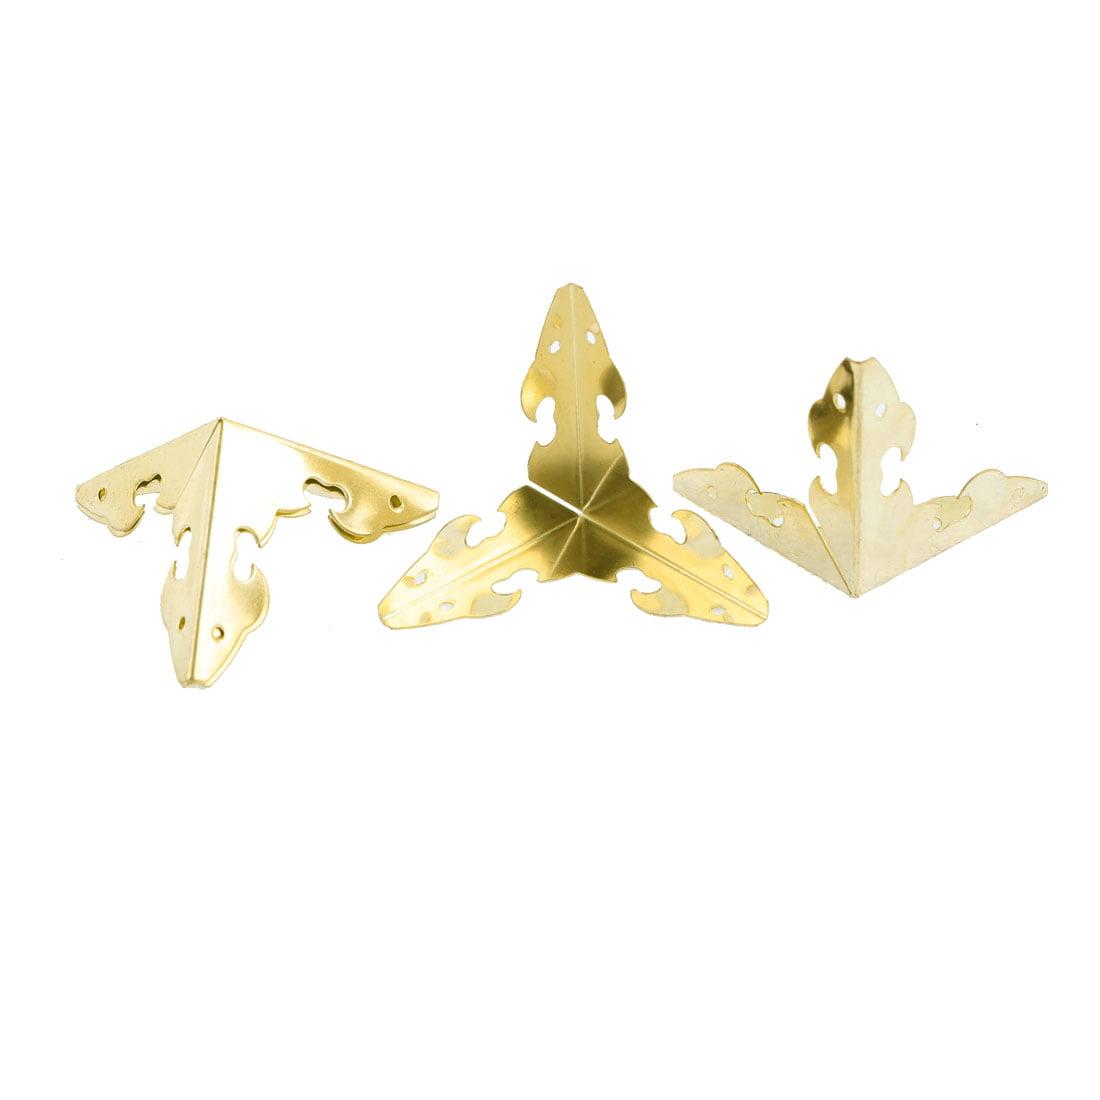 Unique Bargains Jewelry Box Case Luxurious Corner Bracket Protectors Edge Guard 4 Pcs